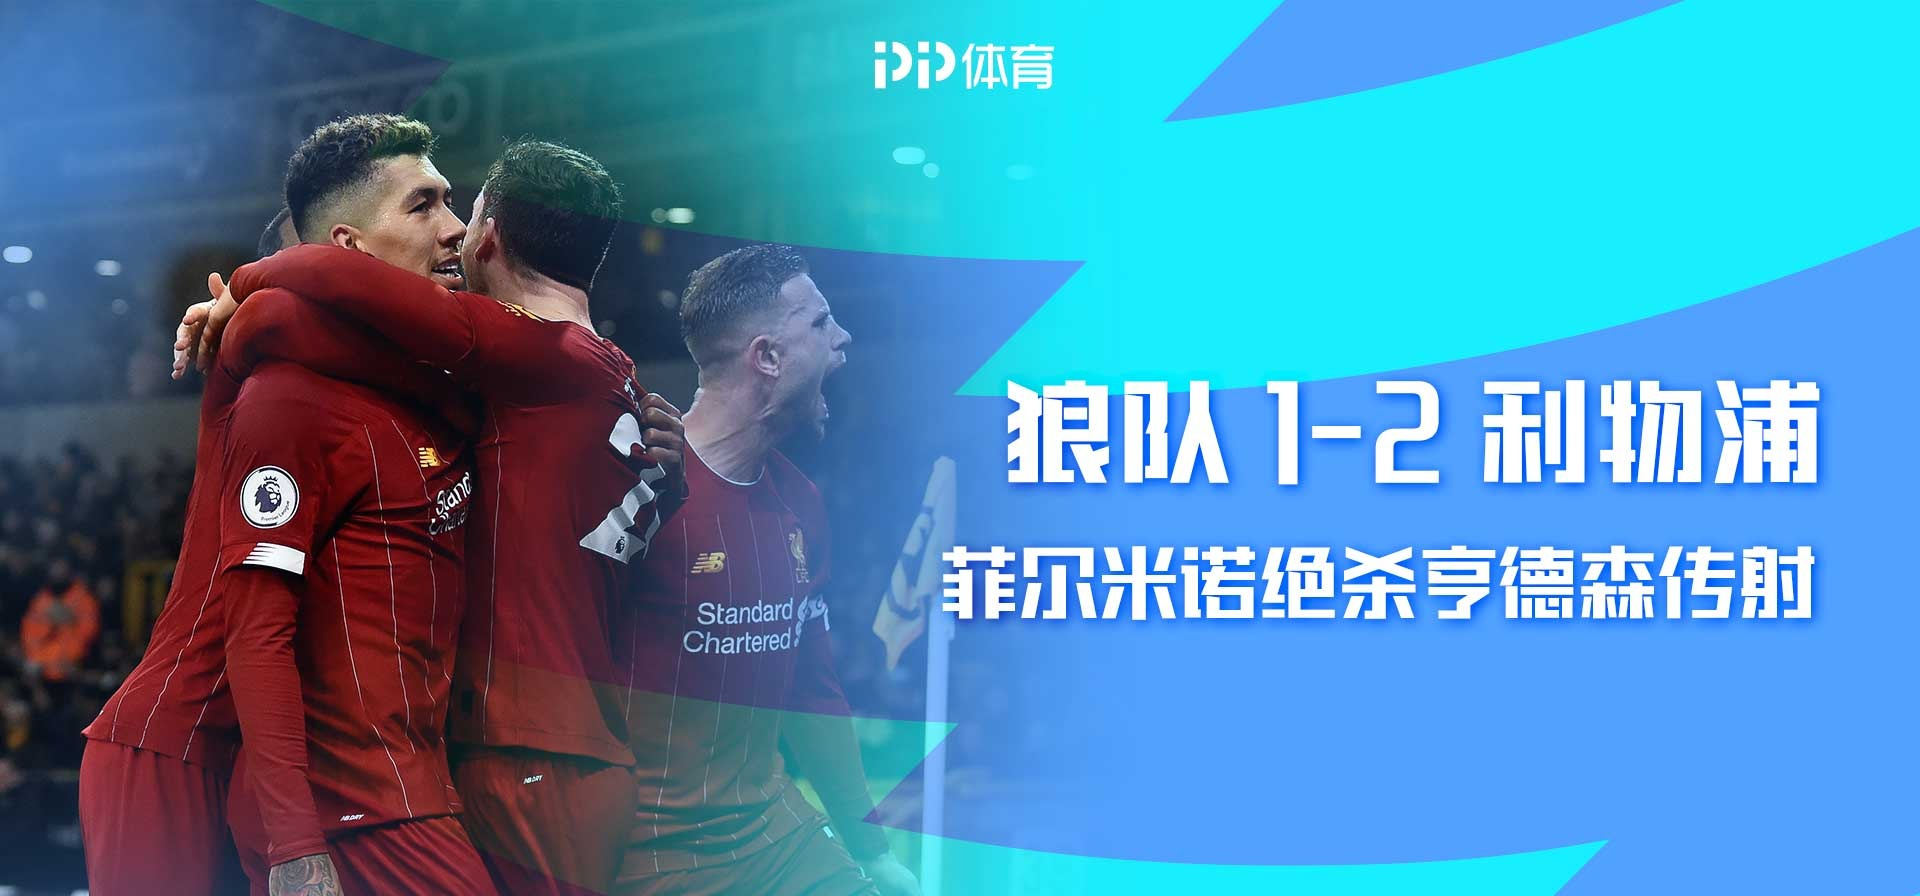 利物浦2-1客胜狼队 菲尔米诺绝杀亨德森传射